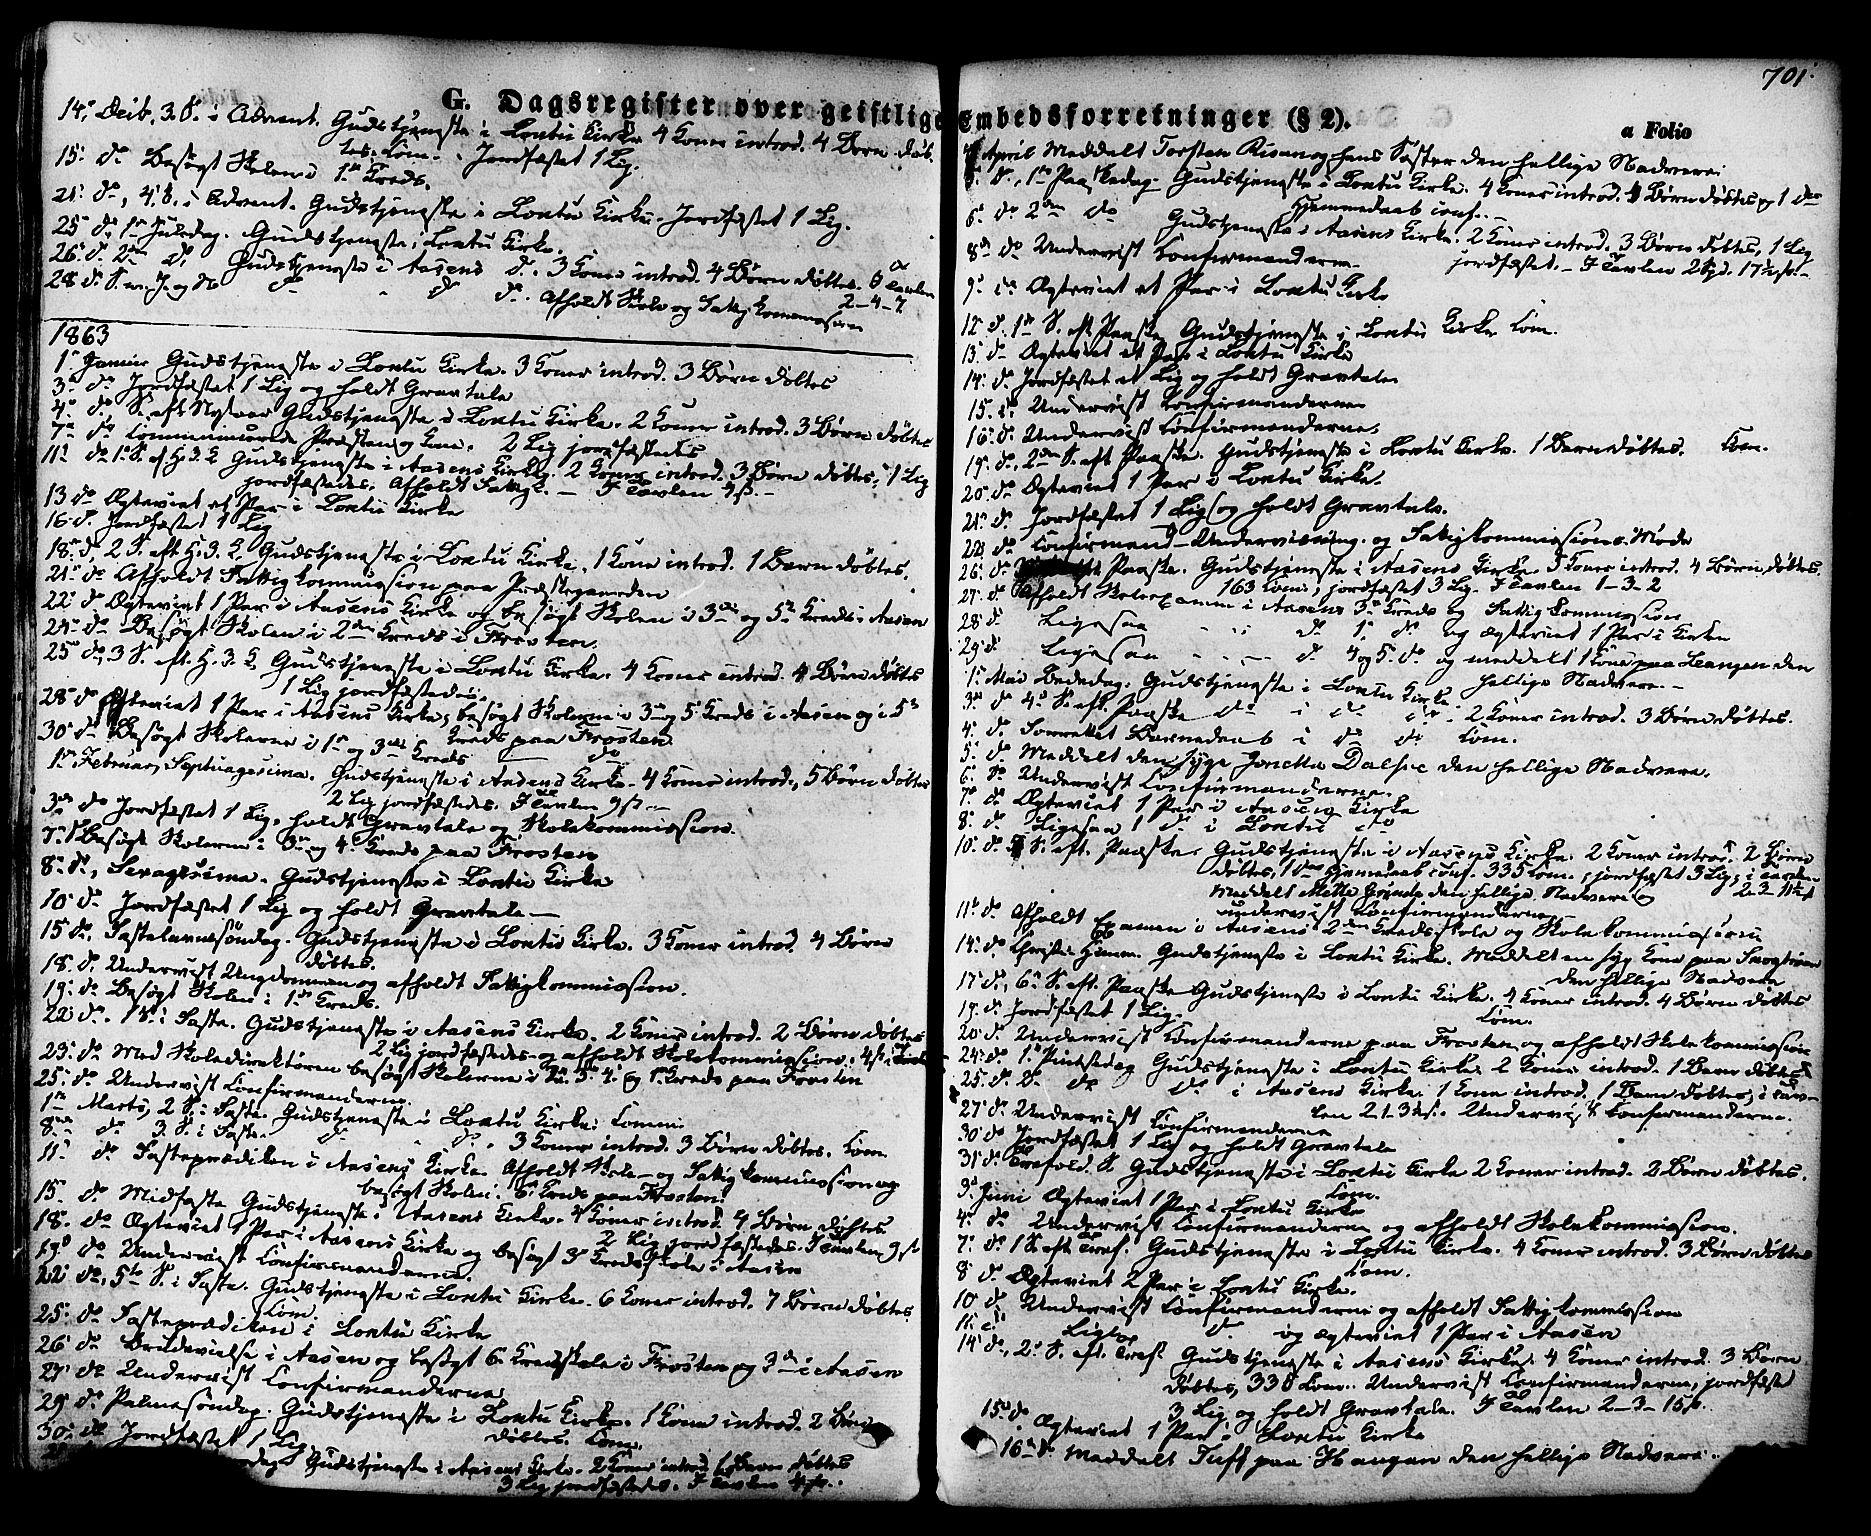 SAT, Ministerialprotokoller, klokkerbøker og fødselsregistre - Nord-Trøndelag, 713/L0116: Ministerialbok nr. 713A07 /1, 1850-1877, s. 701